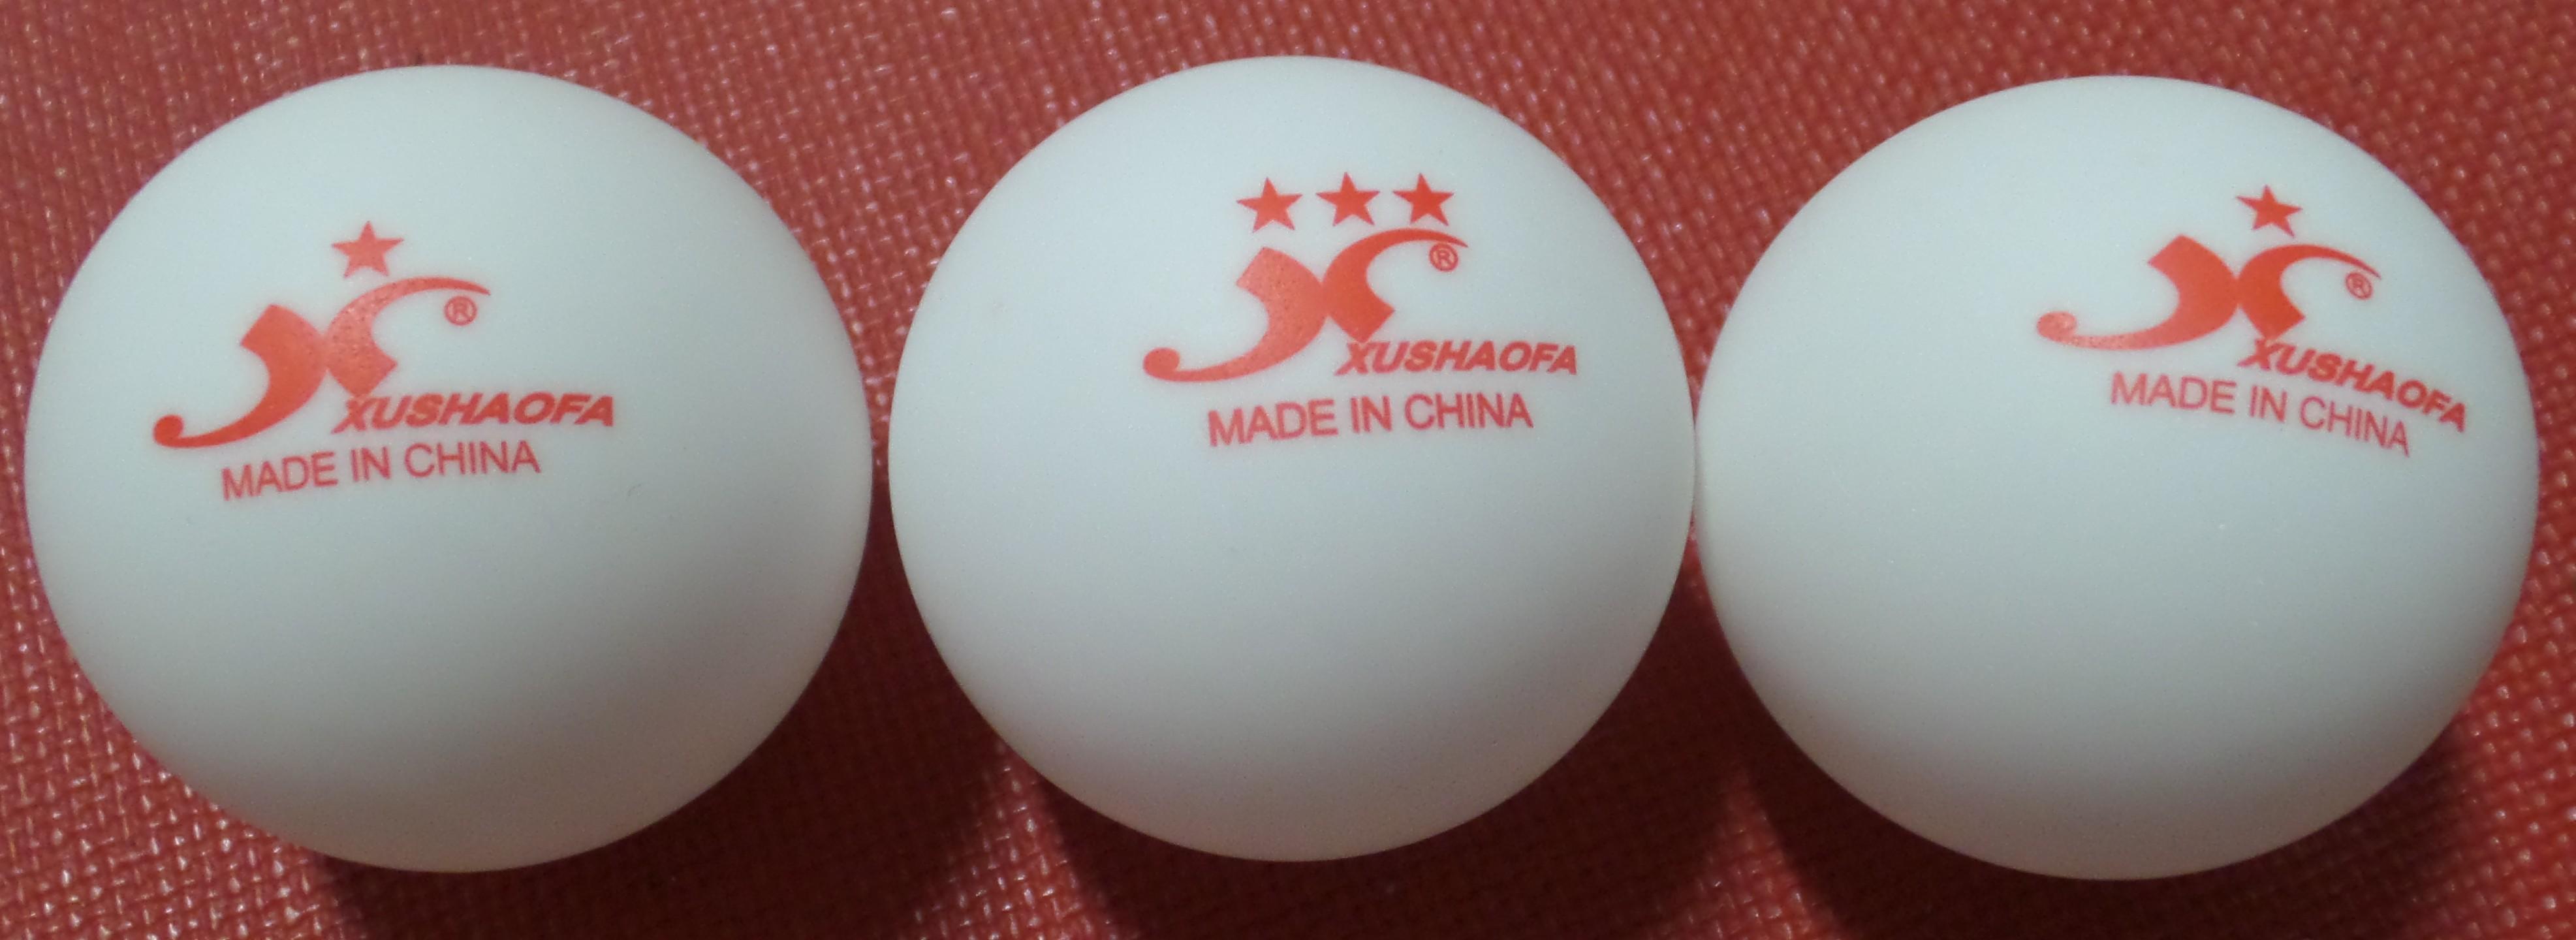 Drei Tischtennis-Bälle aus Plastik und ohne Naht, zwei Trainingsbälle und ein ***Wettkampfball